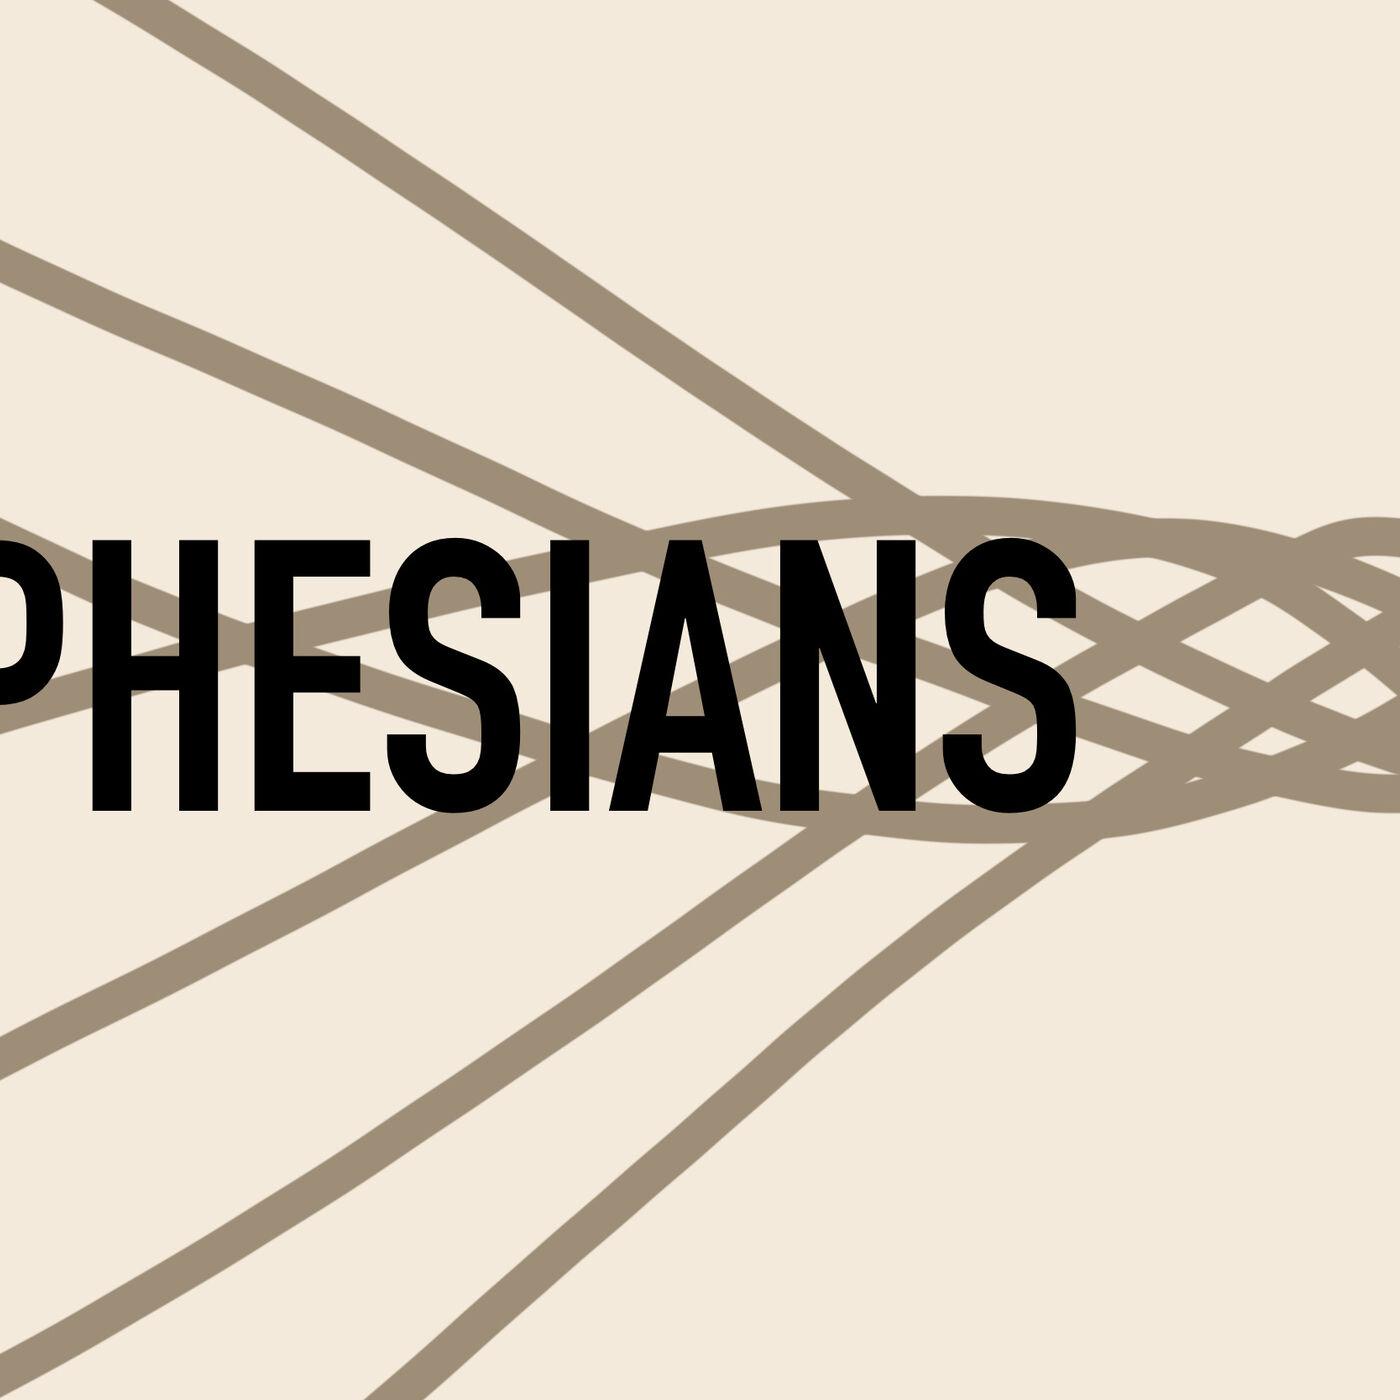 Ephesians 5:1-20 - Imitate God